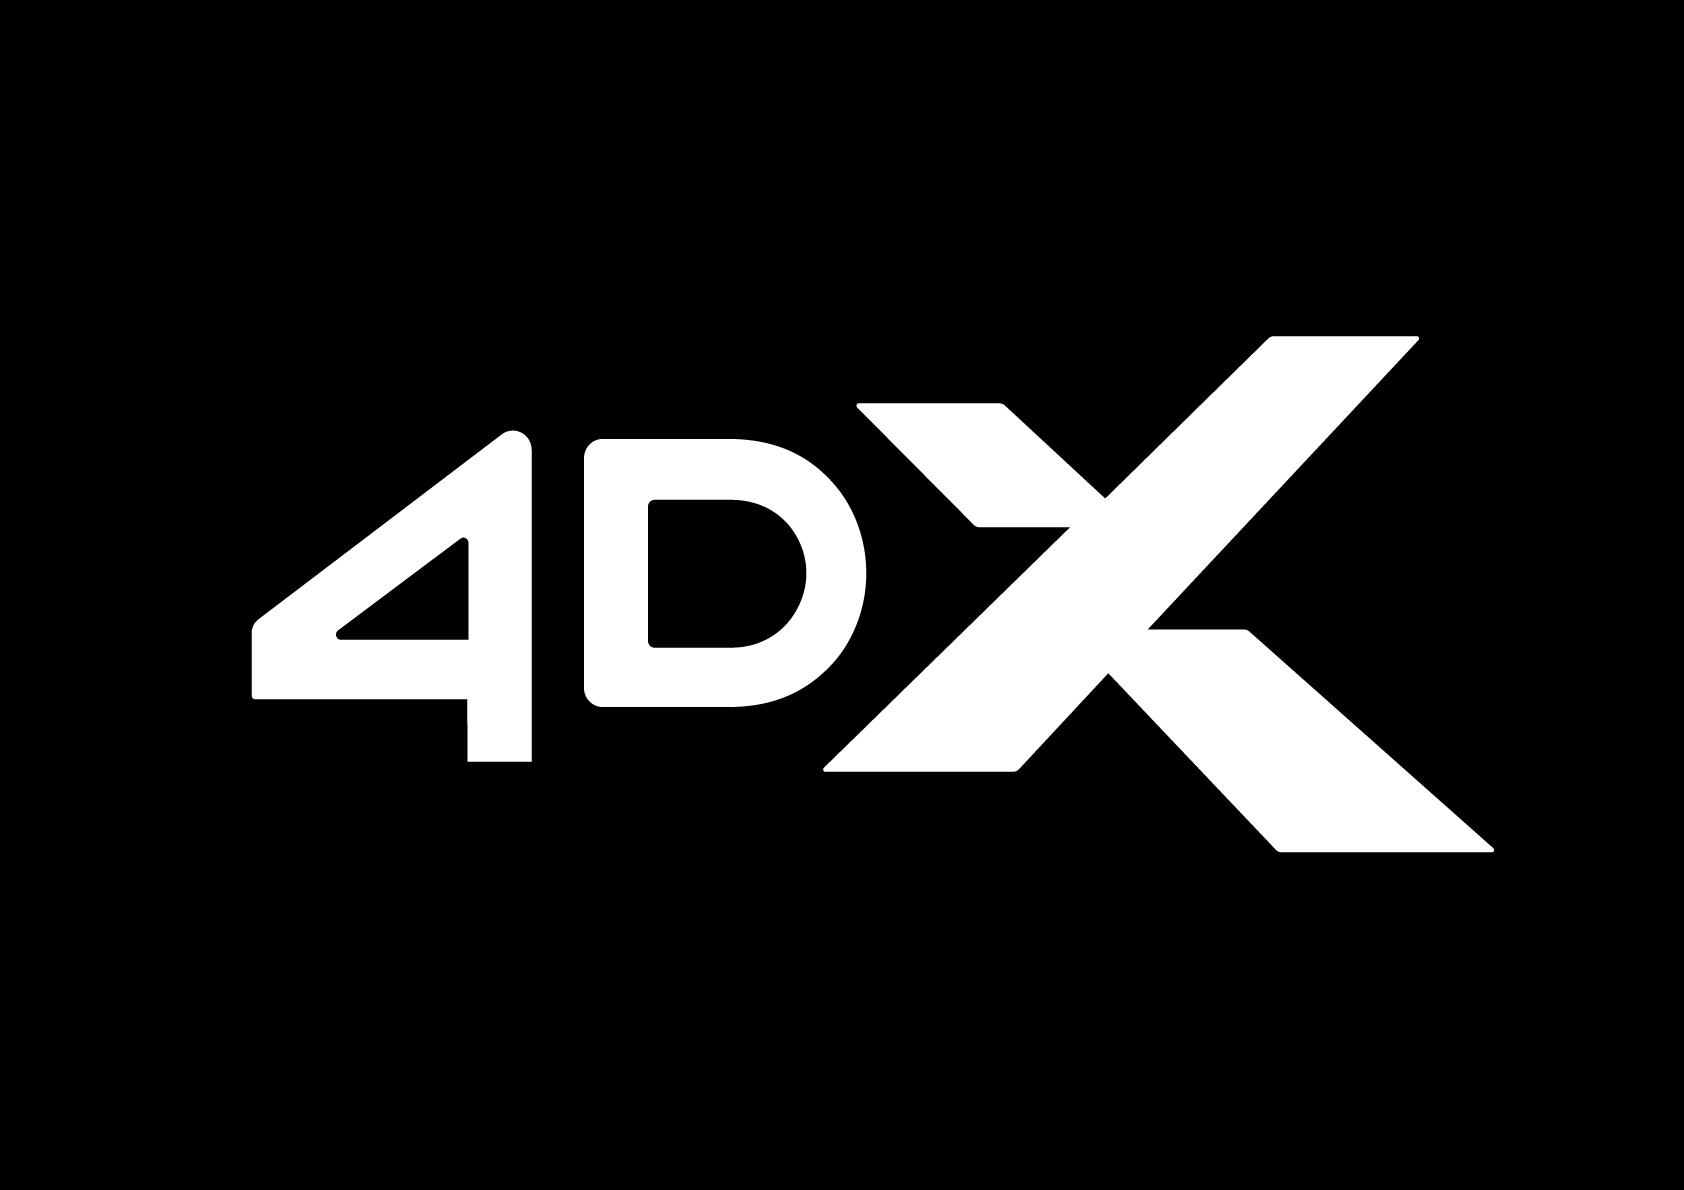 4DXロゴ